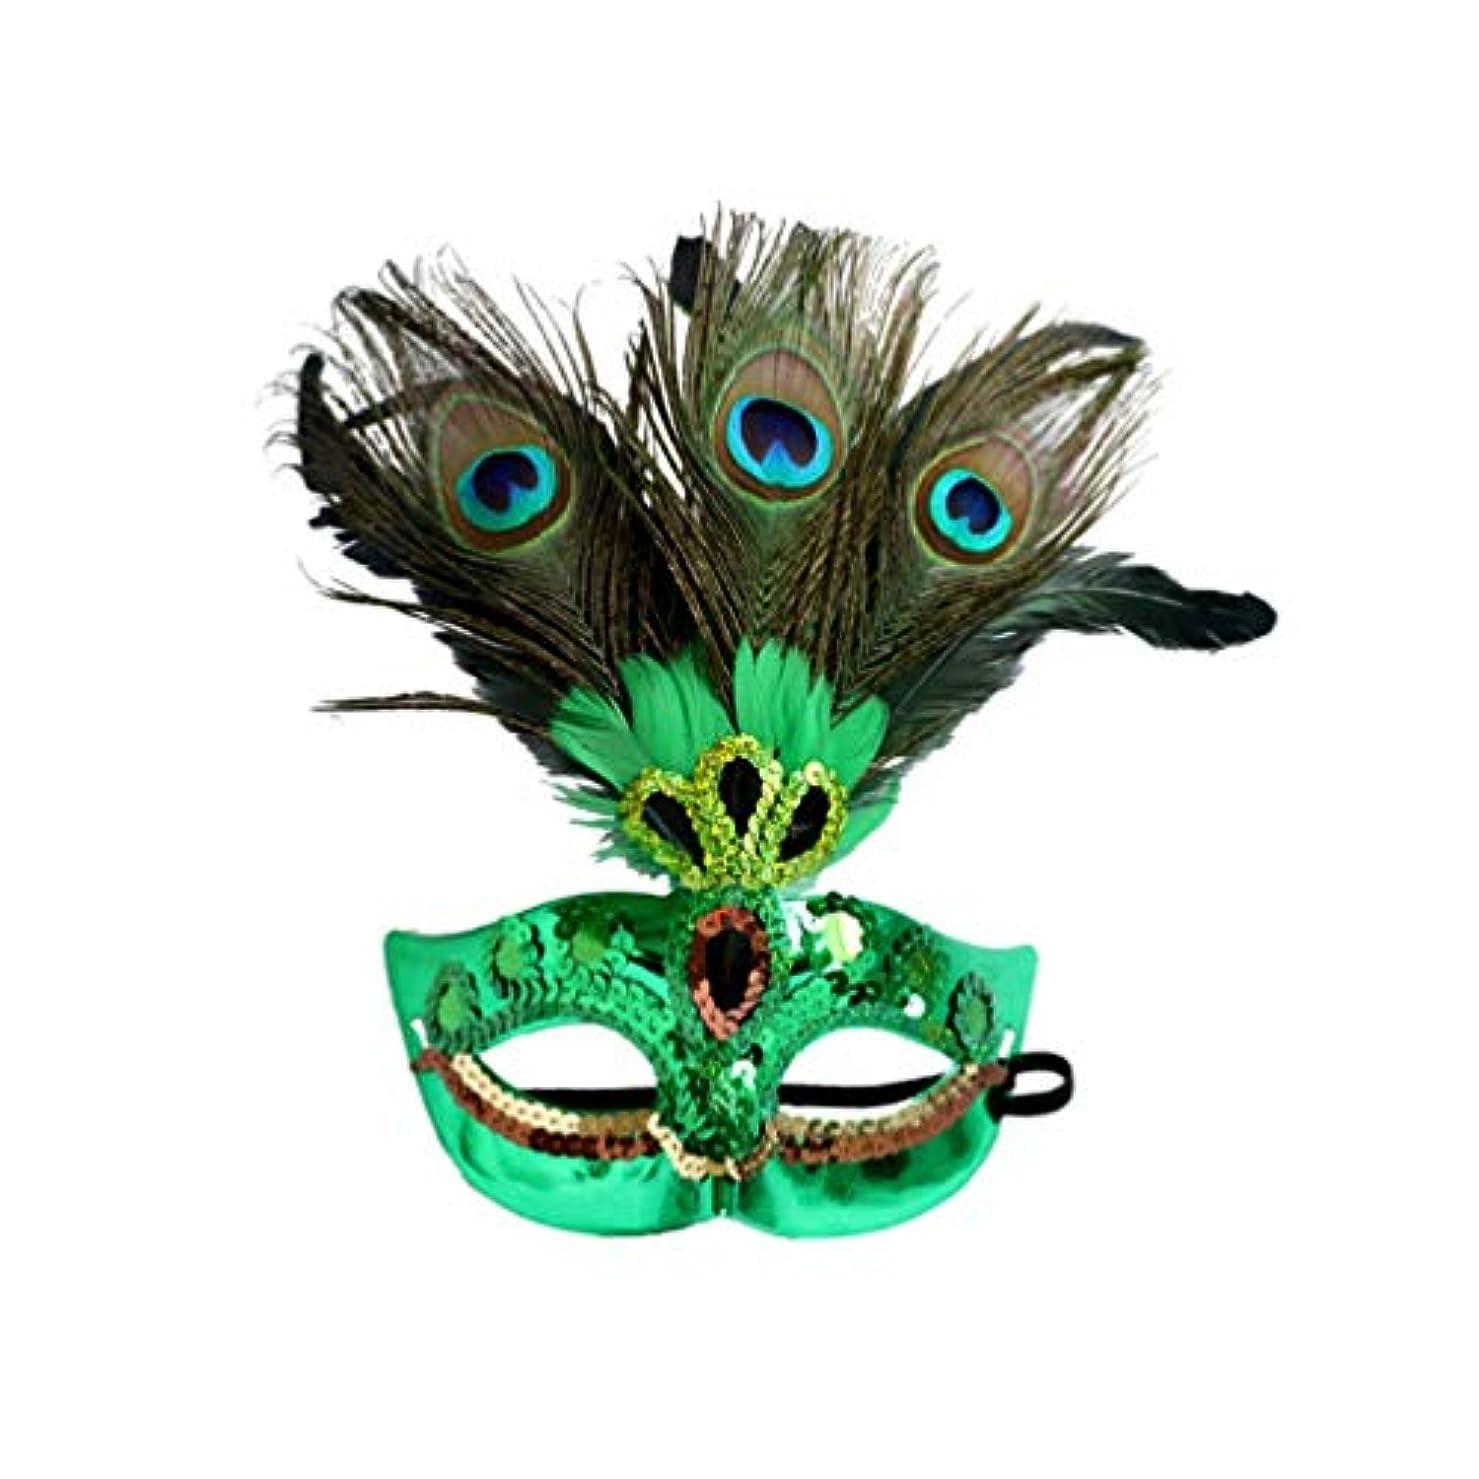 孤児名誉あるレイAmosfun 1ピースクリエイティブ耐久性のあるportativeクリスマスマスク羽プラスチッククジャク用マスカレード大人コスプレクリスマスパーティー